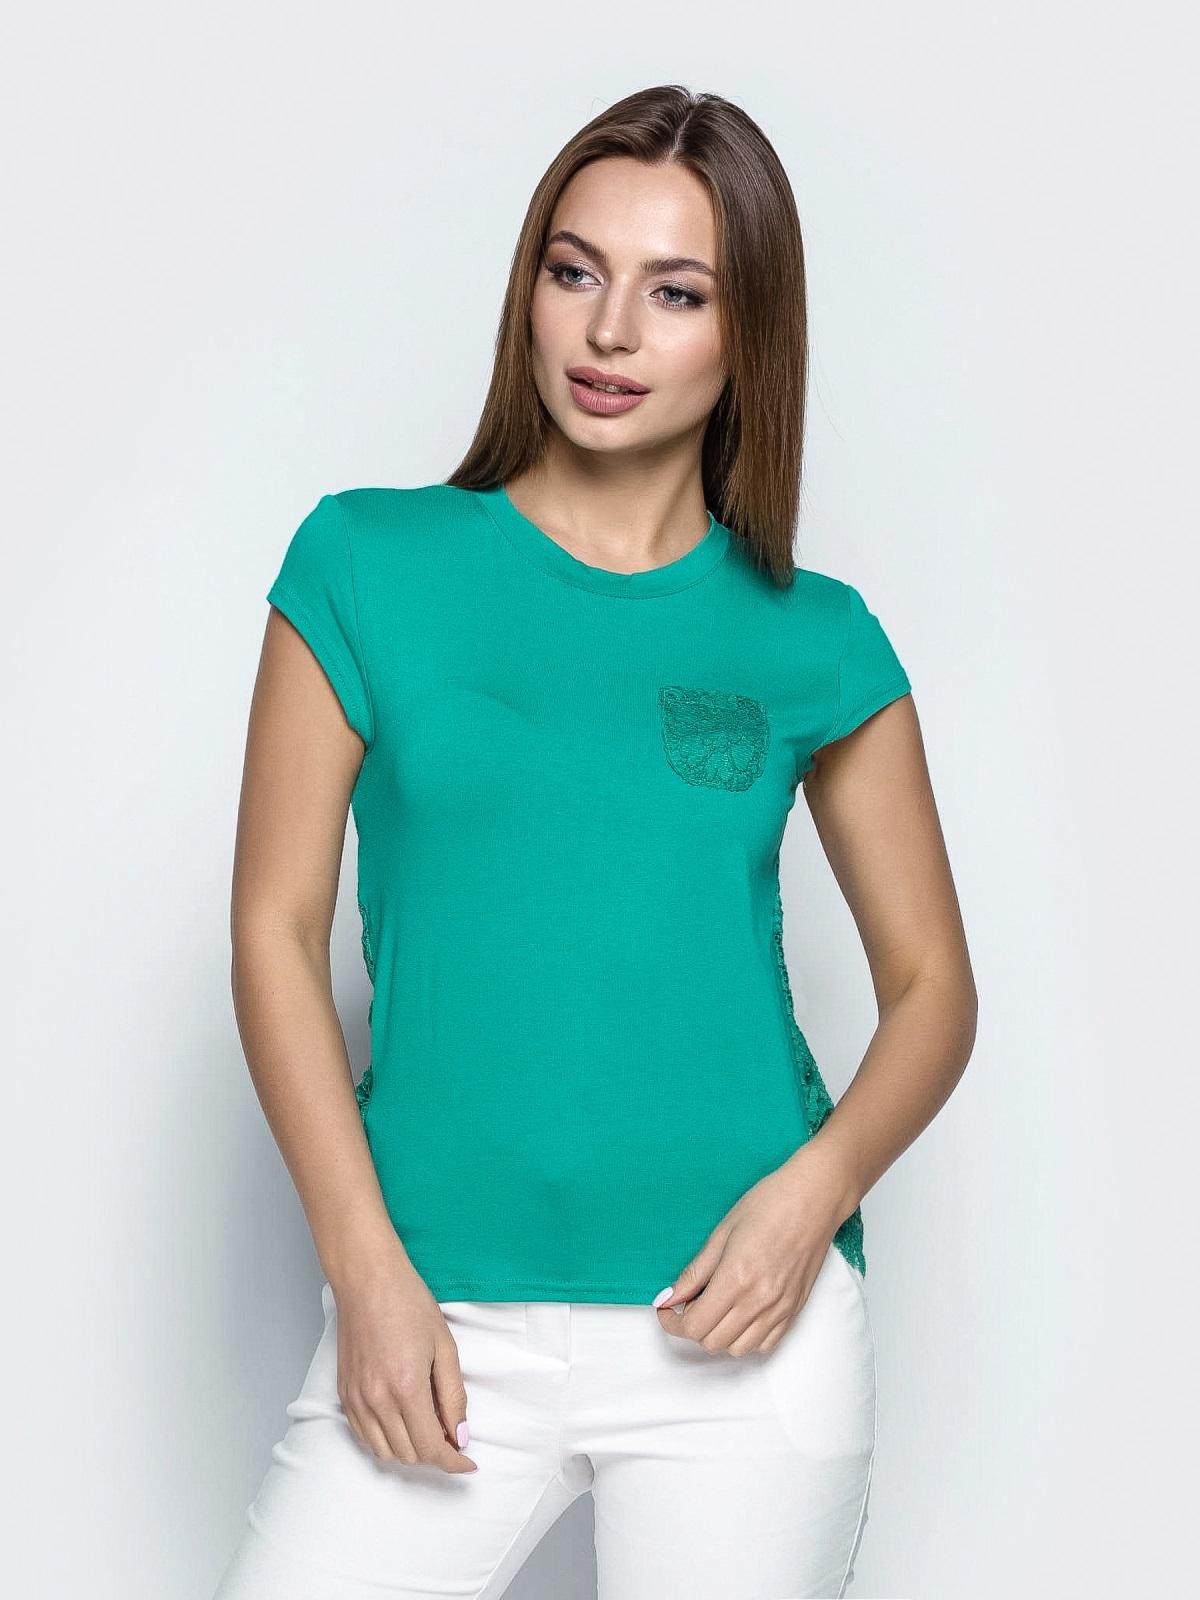 Бирюзовая футболка с гипюровой спинкой 22378, фото 1